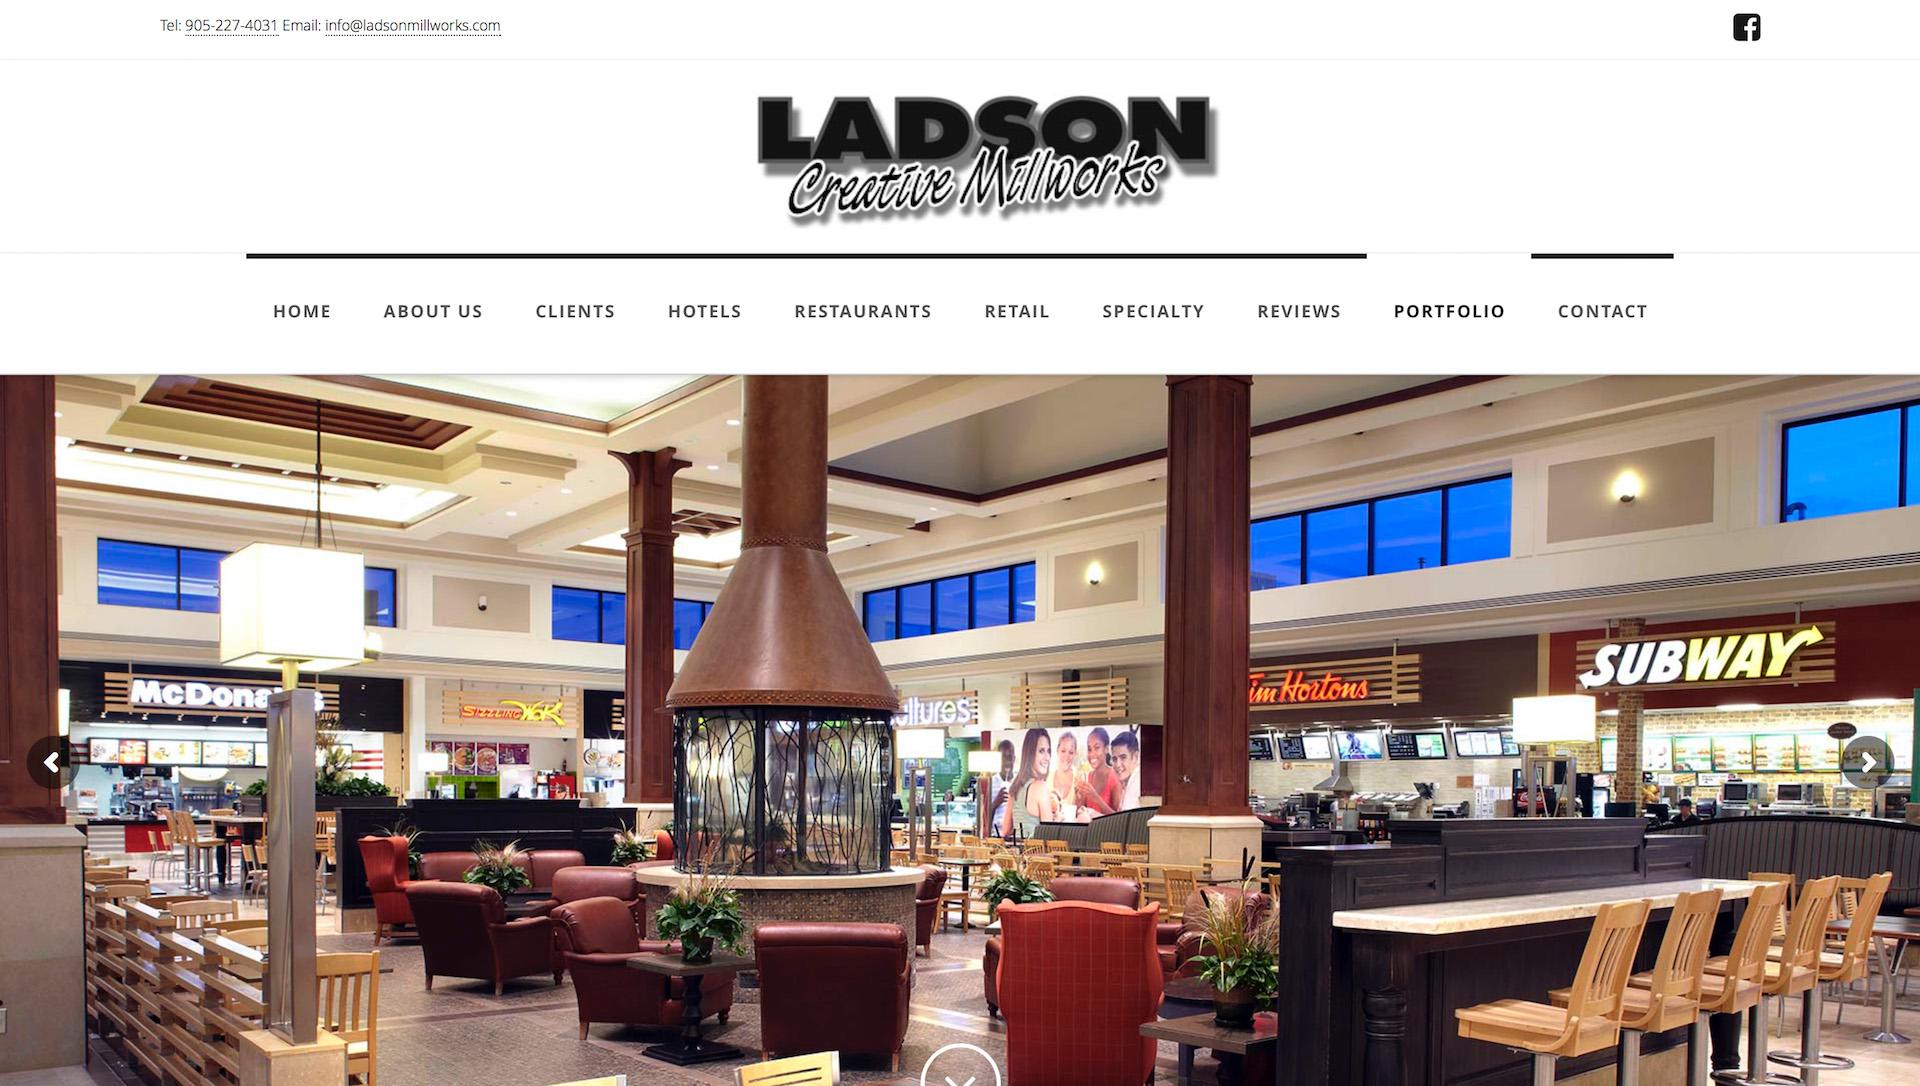 Web Design Canada | Toronto Web Design